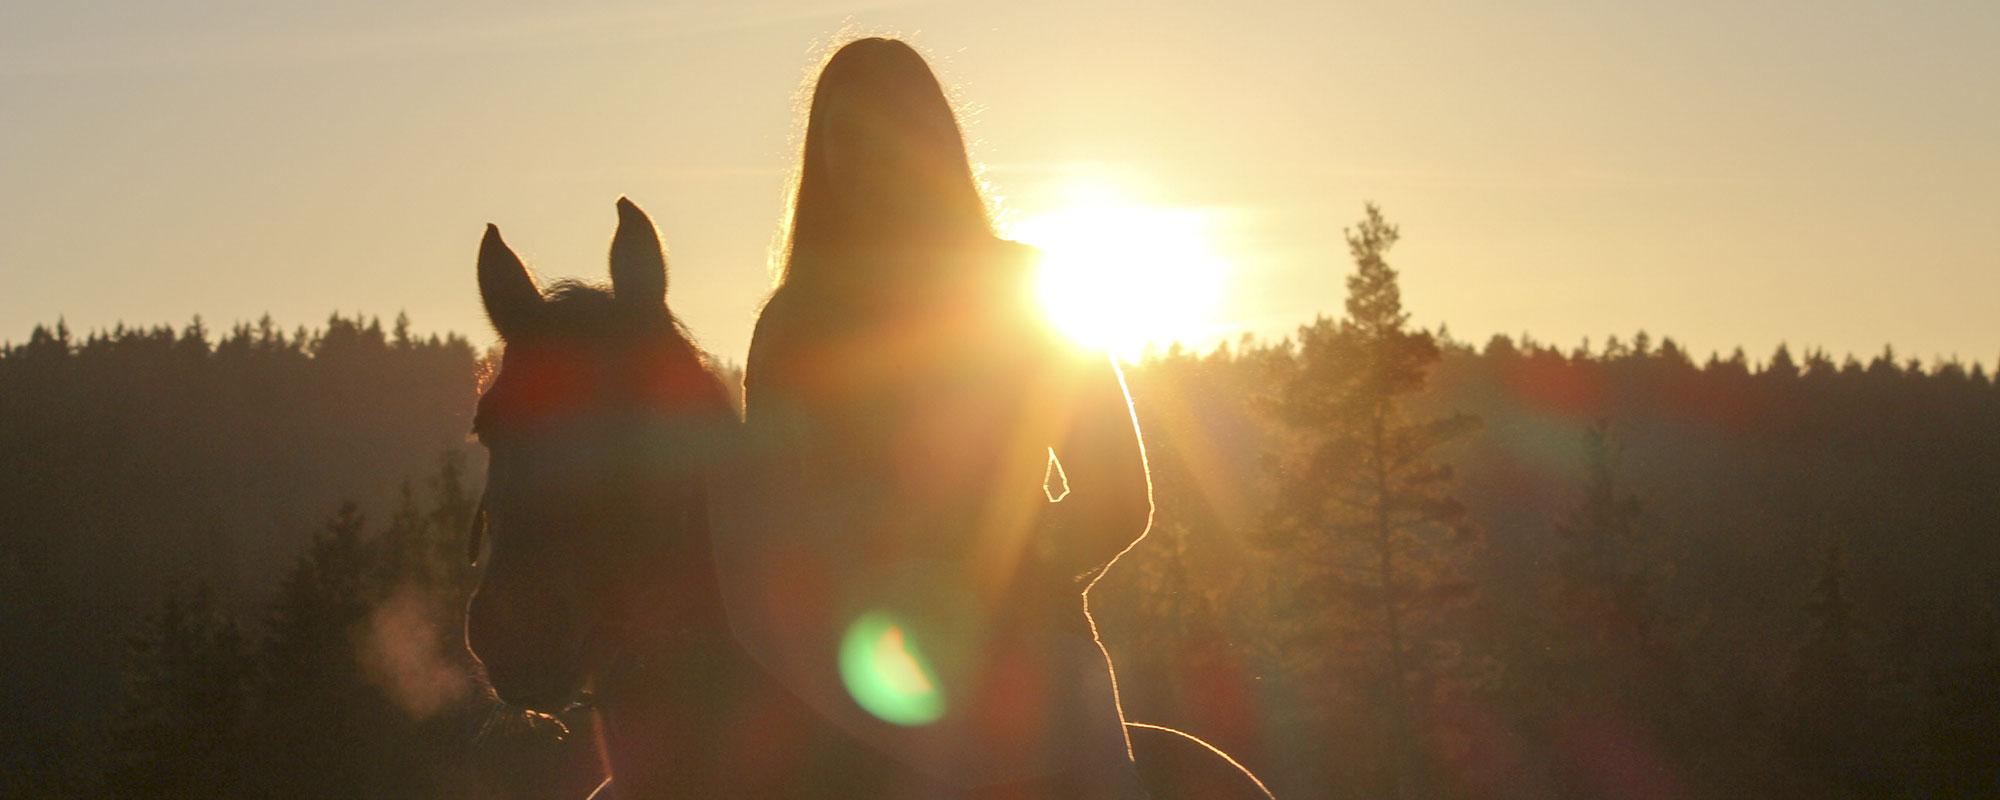 Sonnenuntergang-mit-Pferd